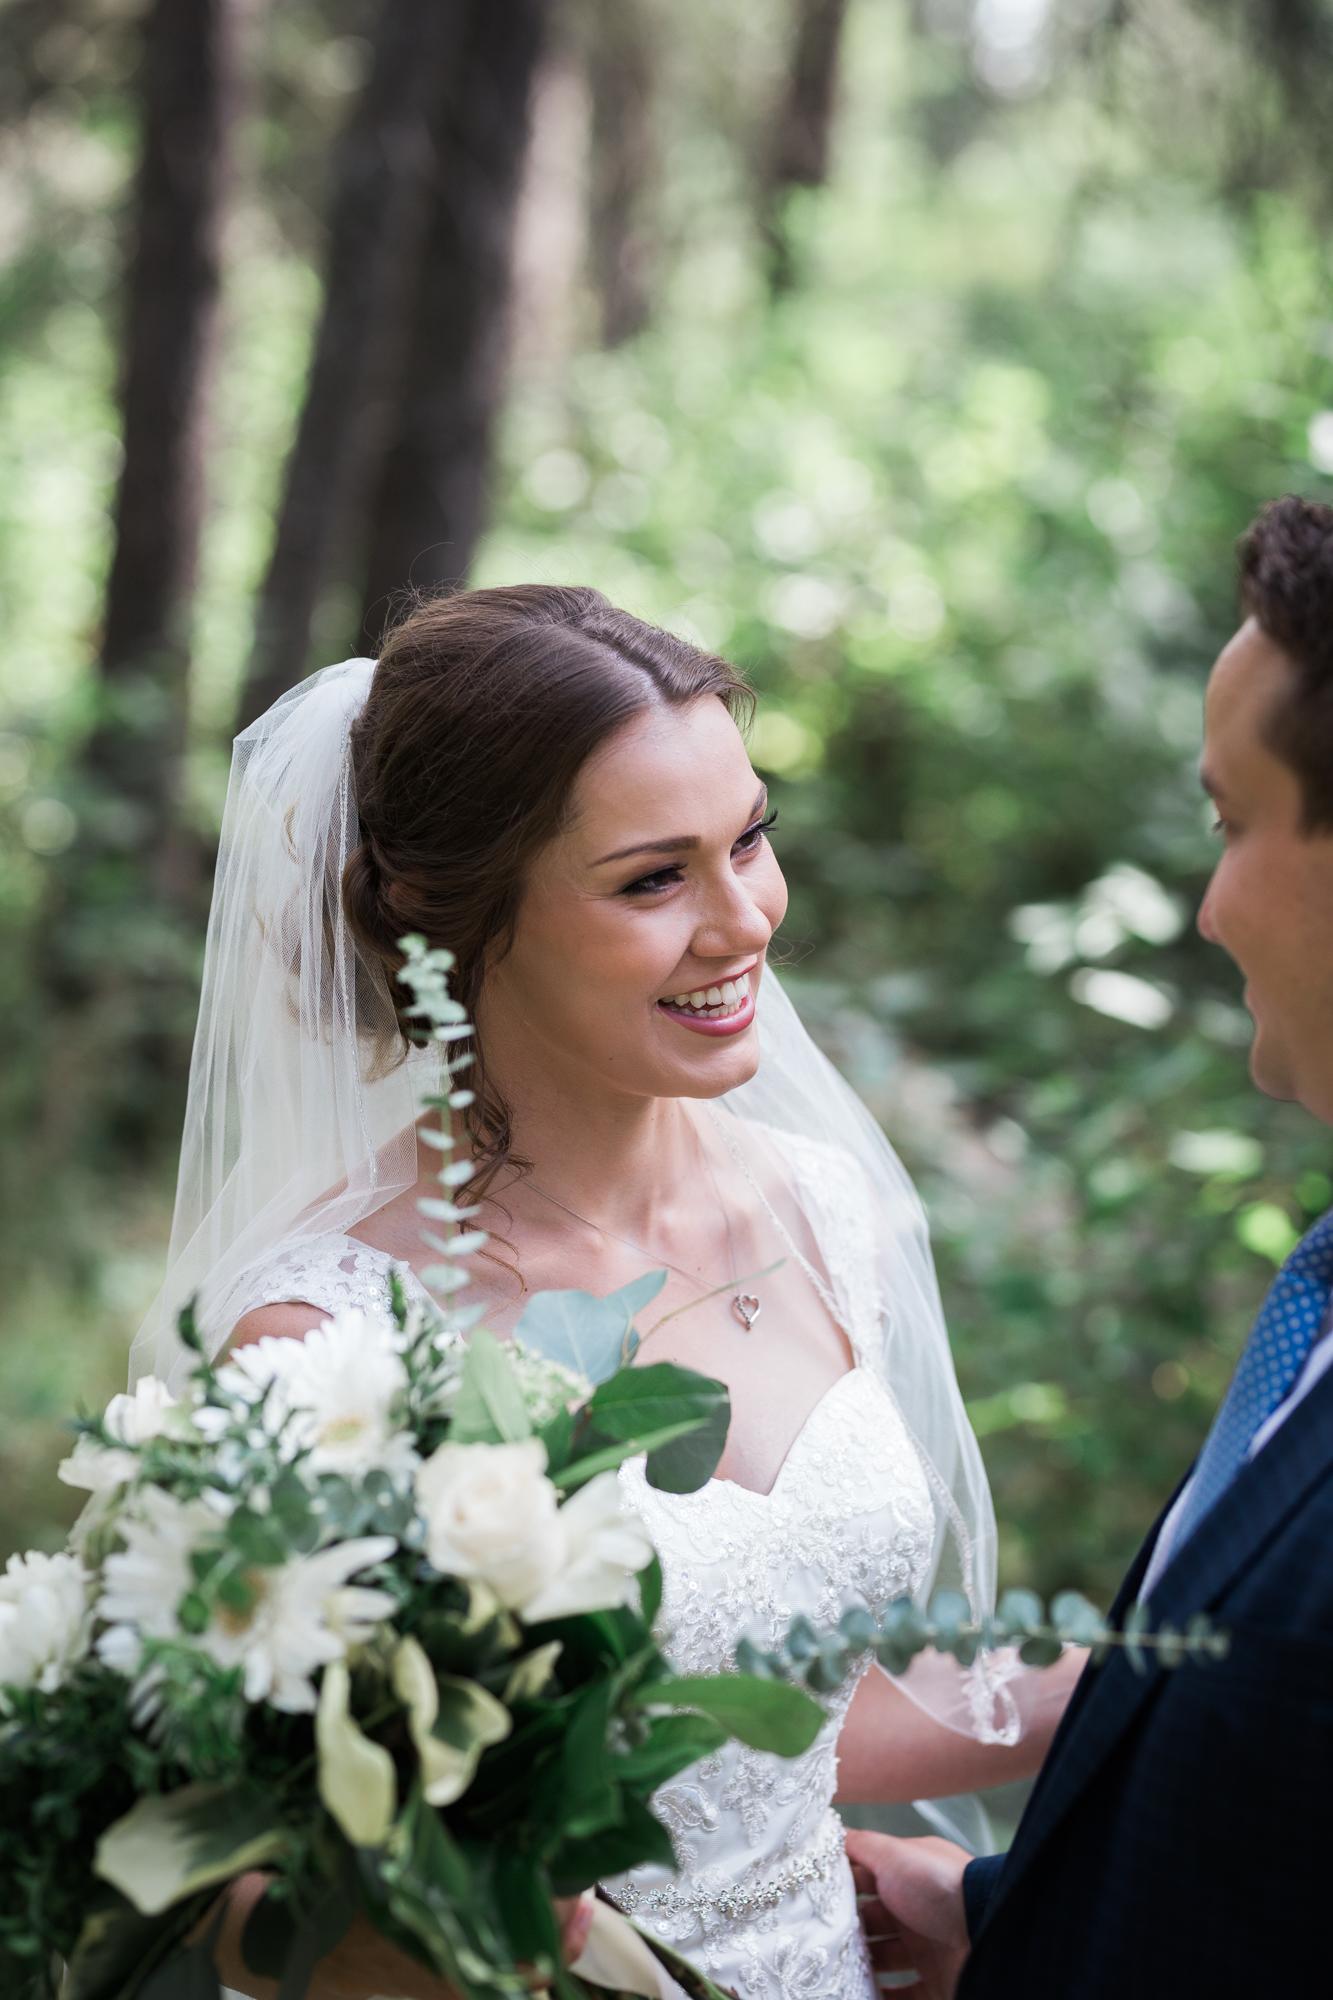 Deanna-Rachel-Photography-calgary-Wedding-photographer-jm-24.jpg